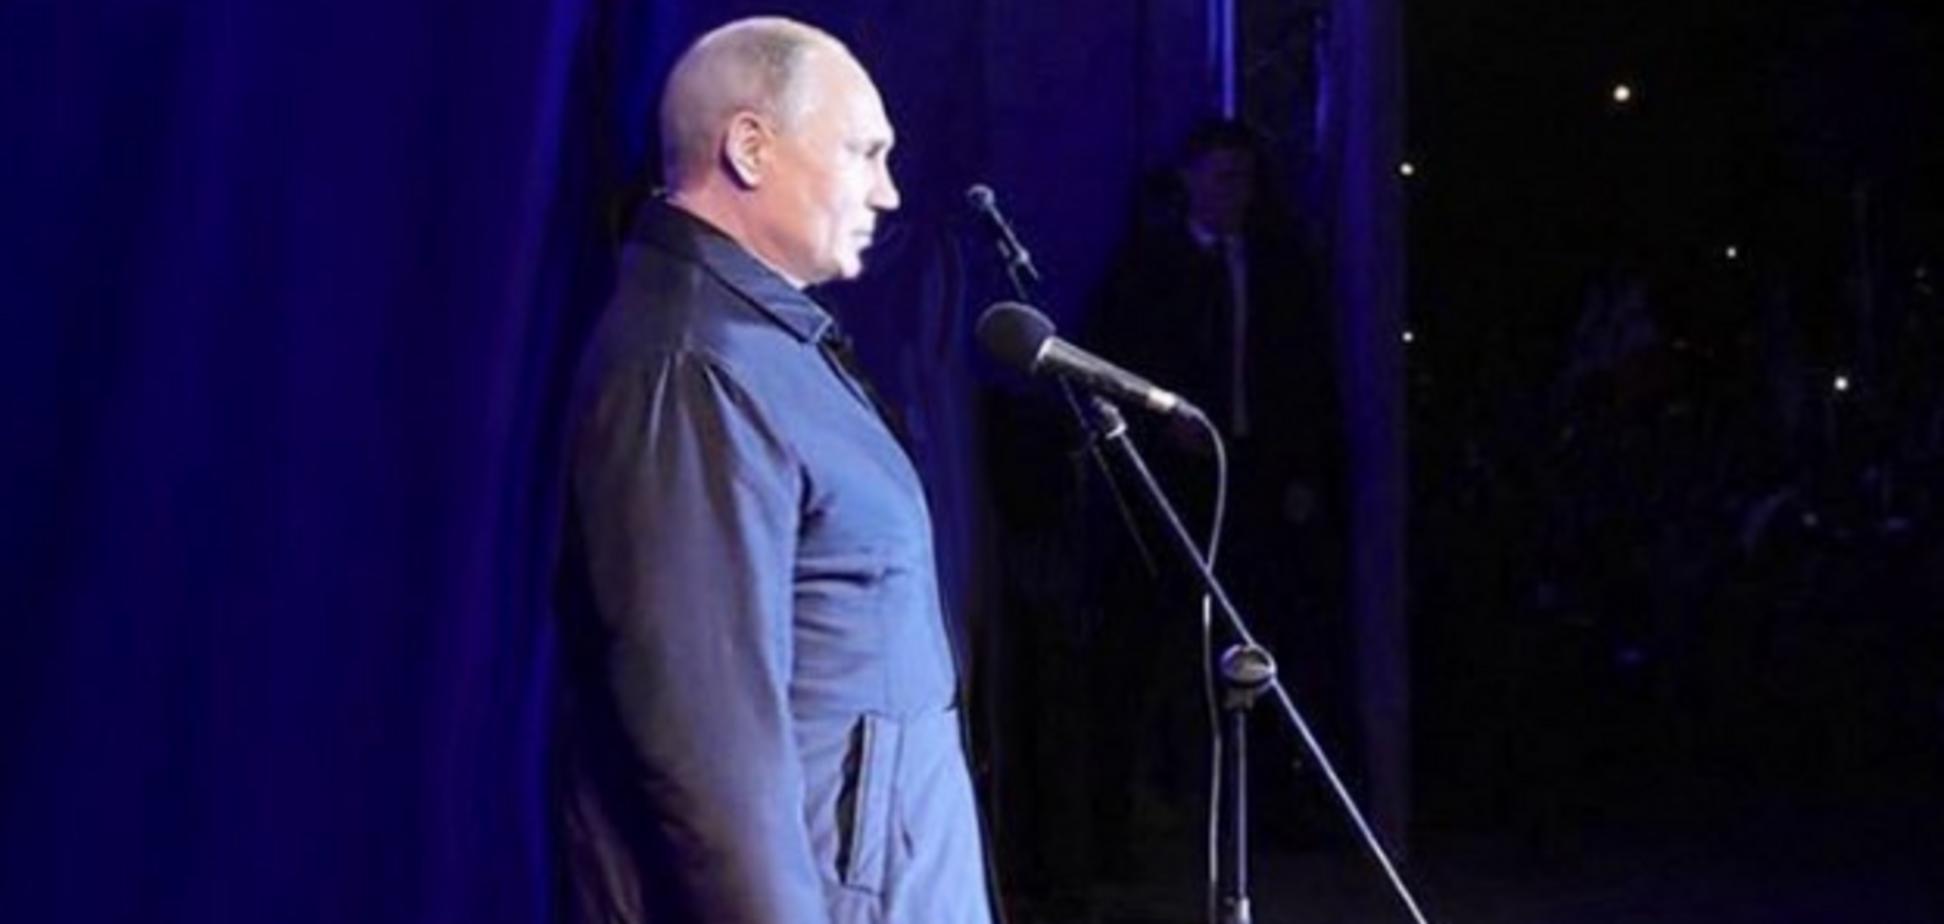 'Броненосець!' Путіна їдко висміяли у мережі через зовнішній вигляд